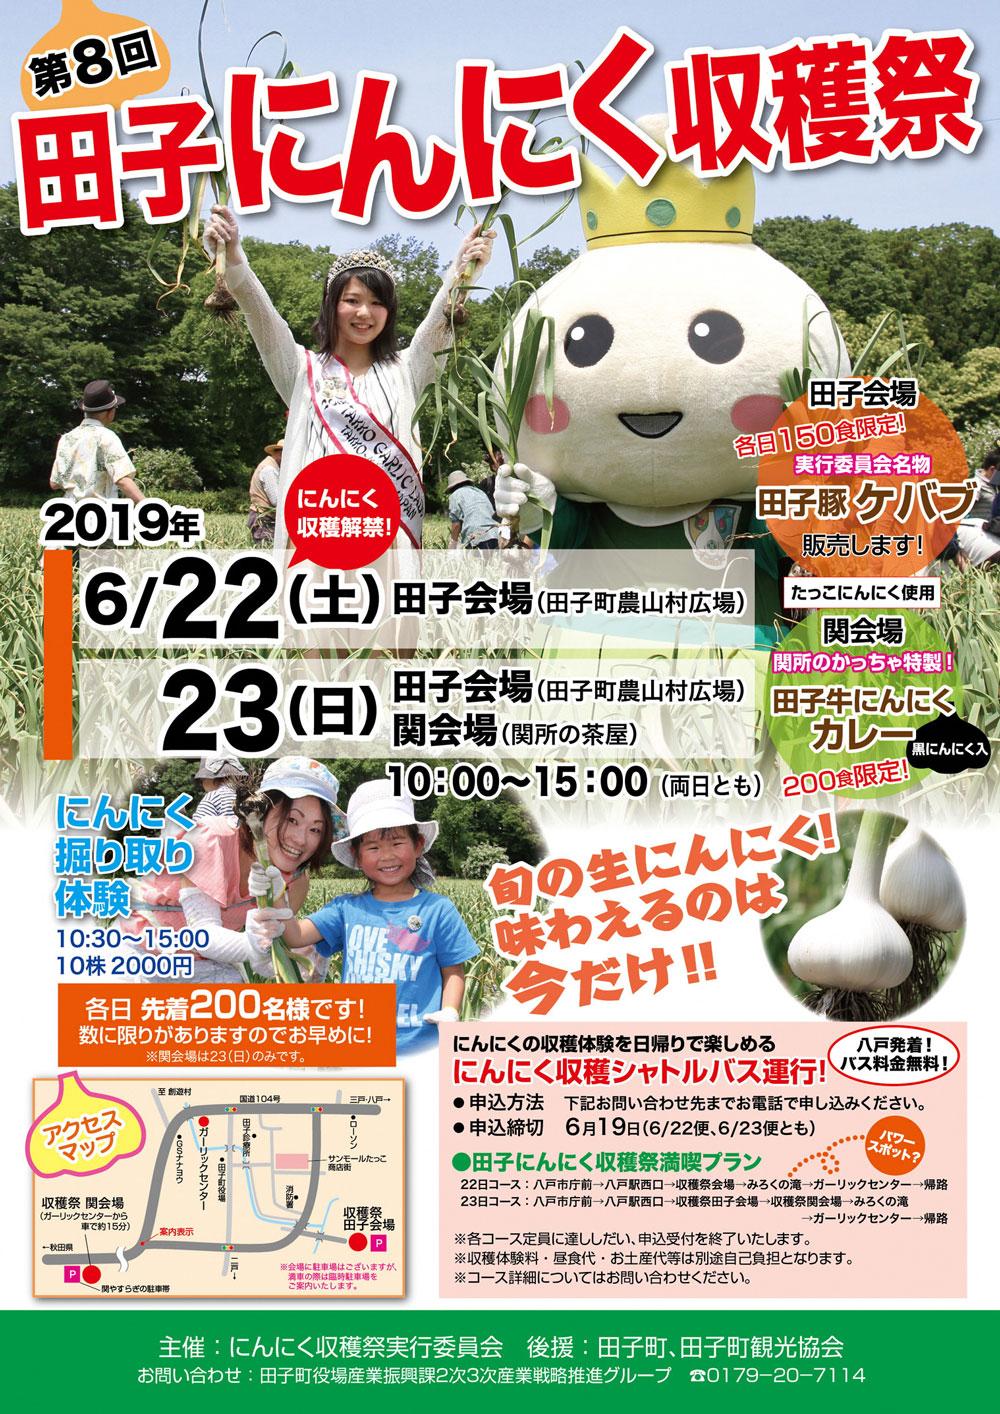 田子町にんにく収穫祭